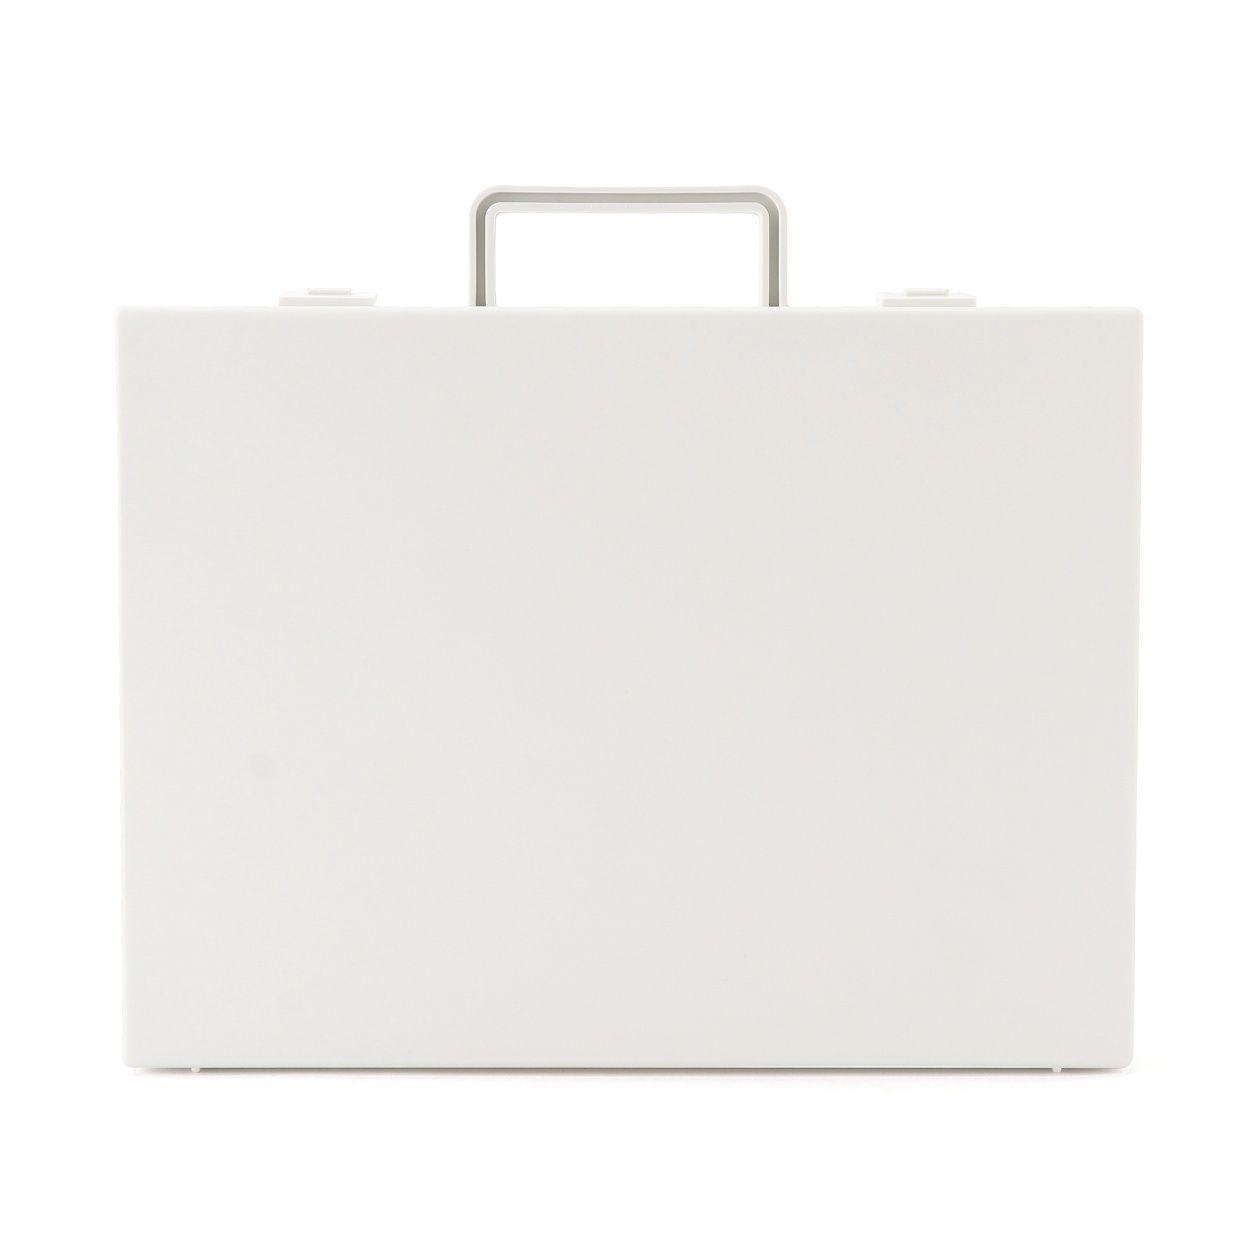 RoomClip商品情報 - 自立収納できるキャリーケース・A4用・ホワイトグレー